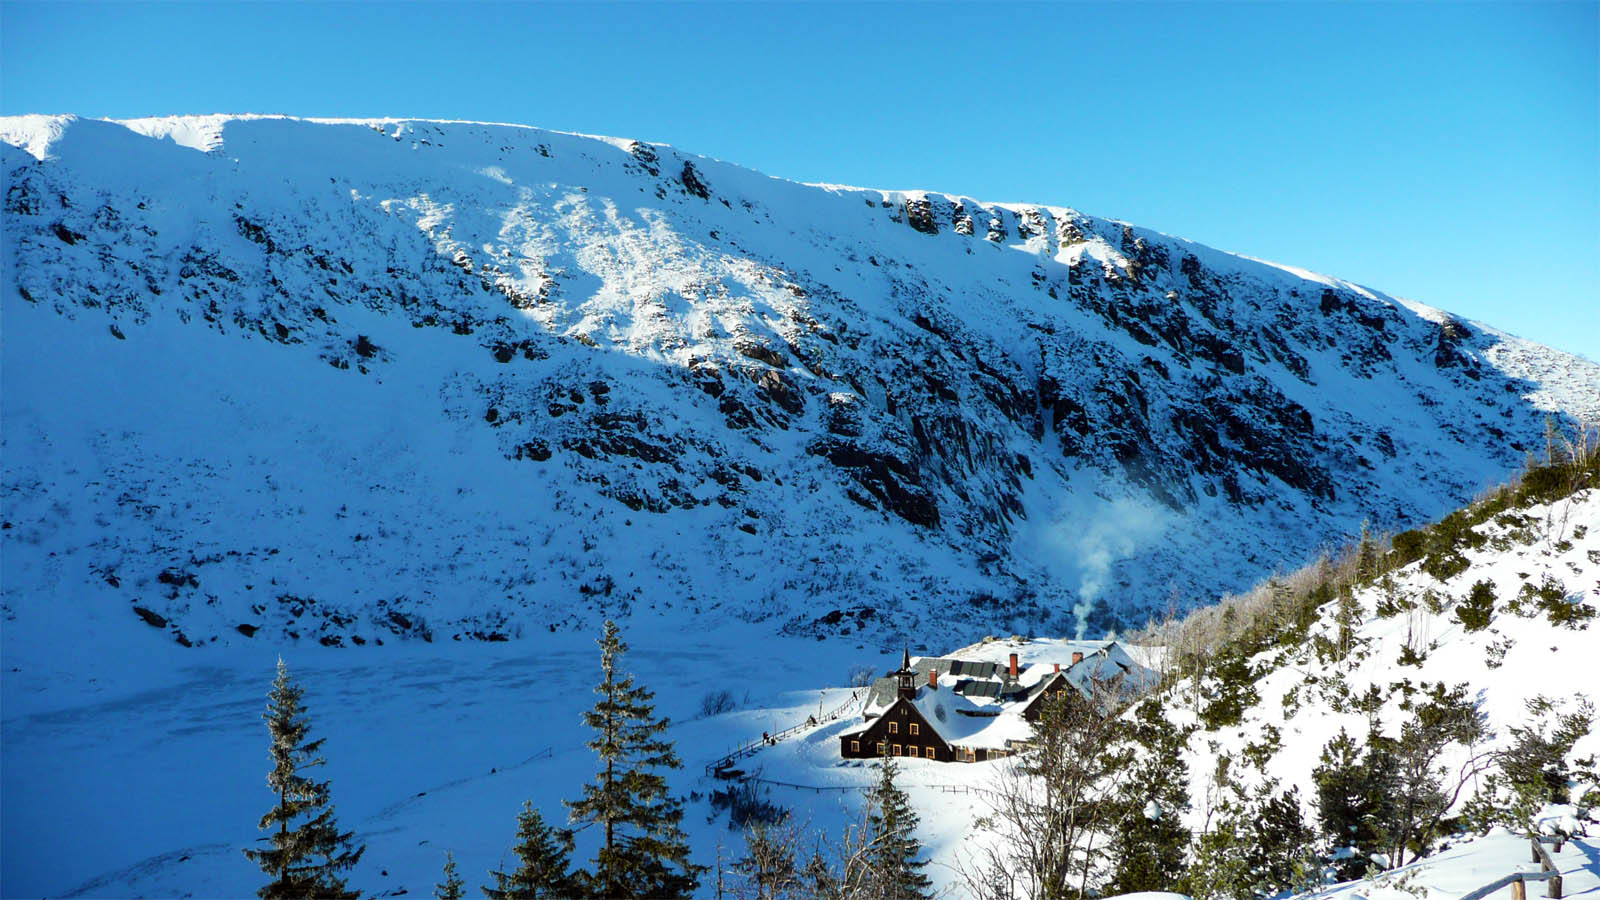 Bergbaude Samotnia am kleinen Teich im Riesengebirge